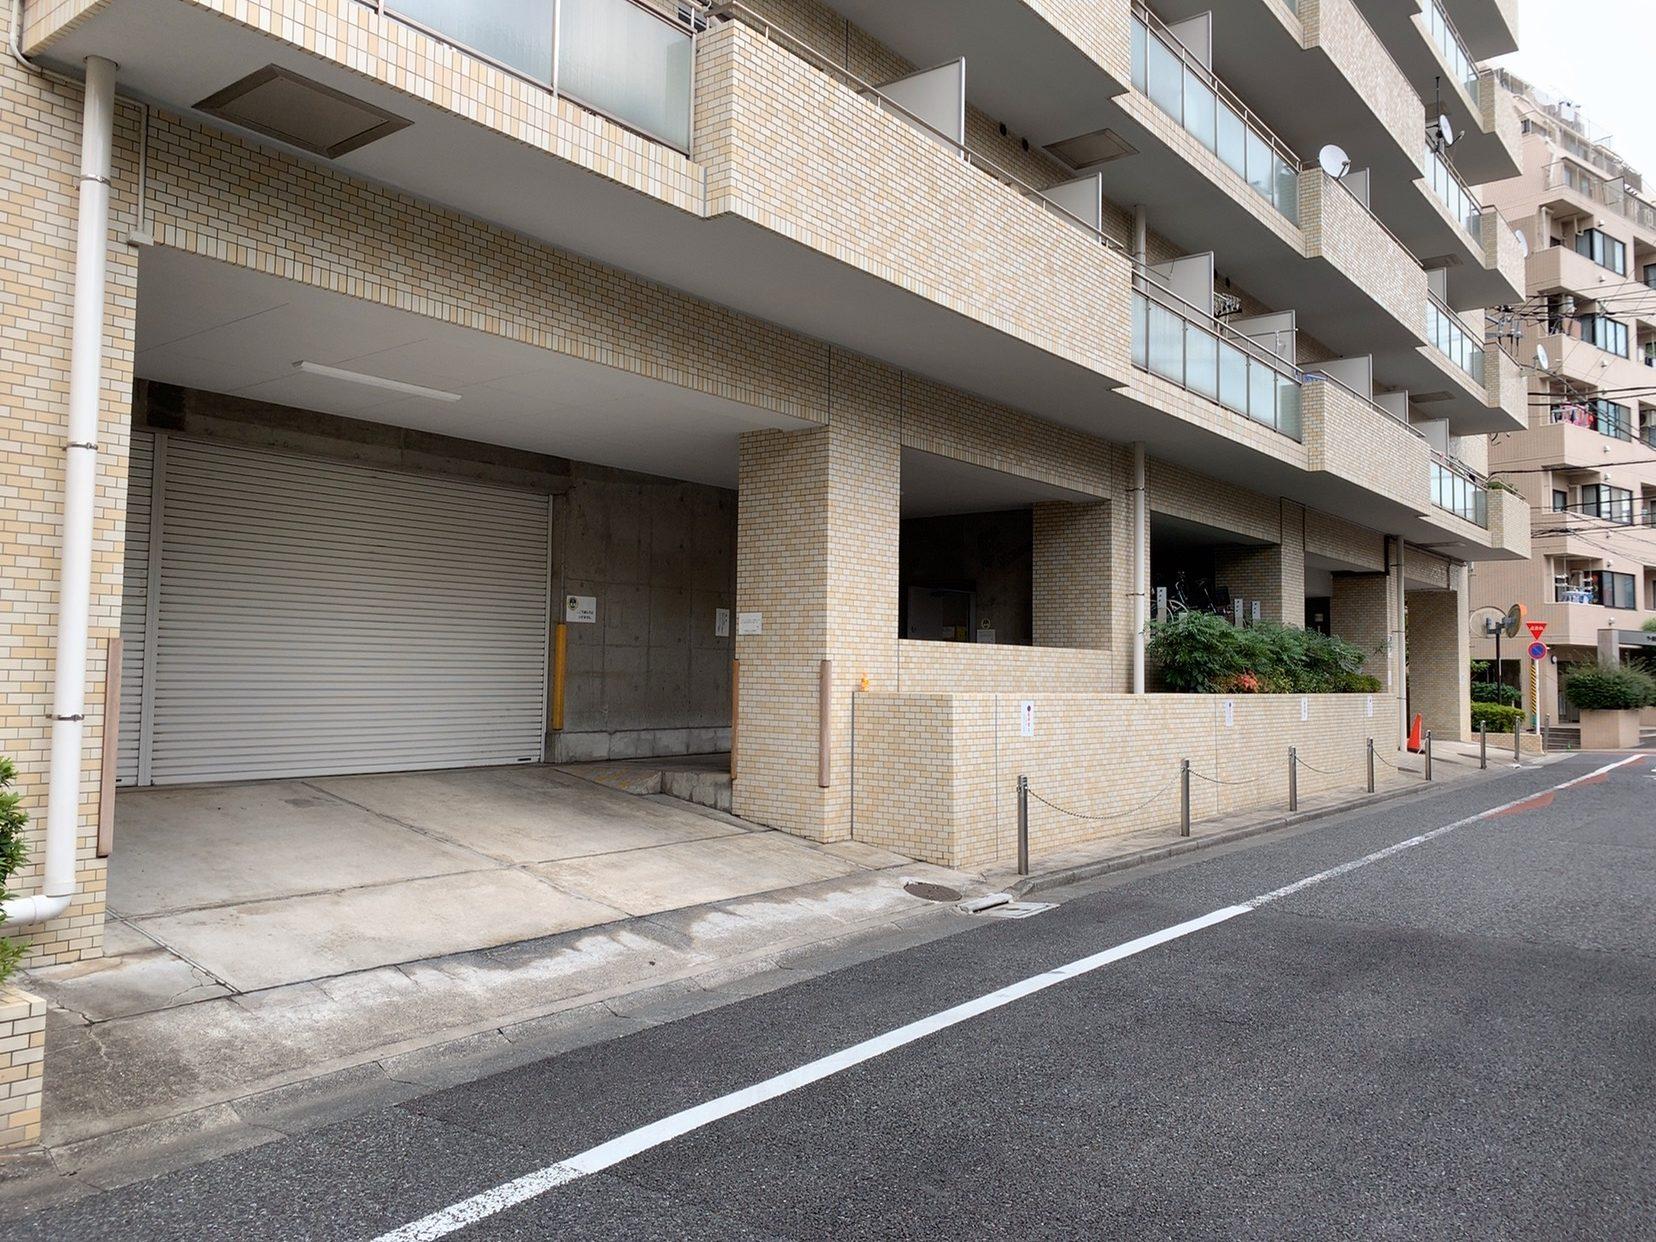 東京都文京区の売り駐車場 シャッター付で入居待ち多数